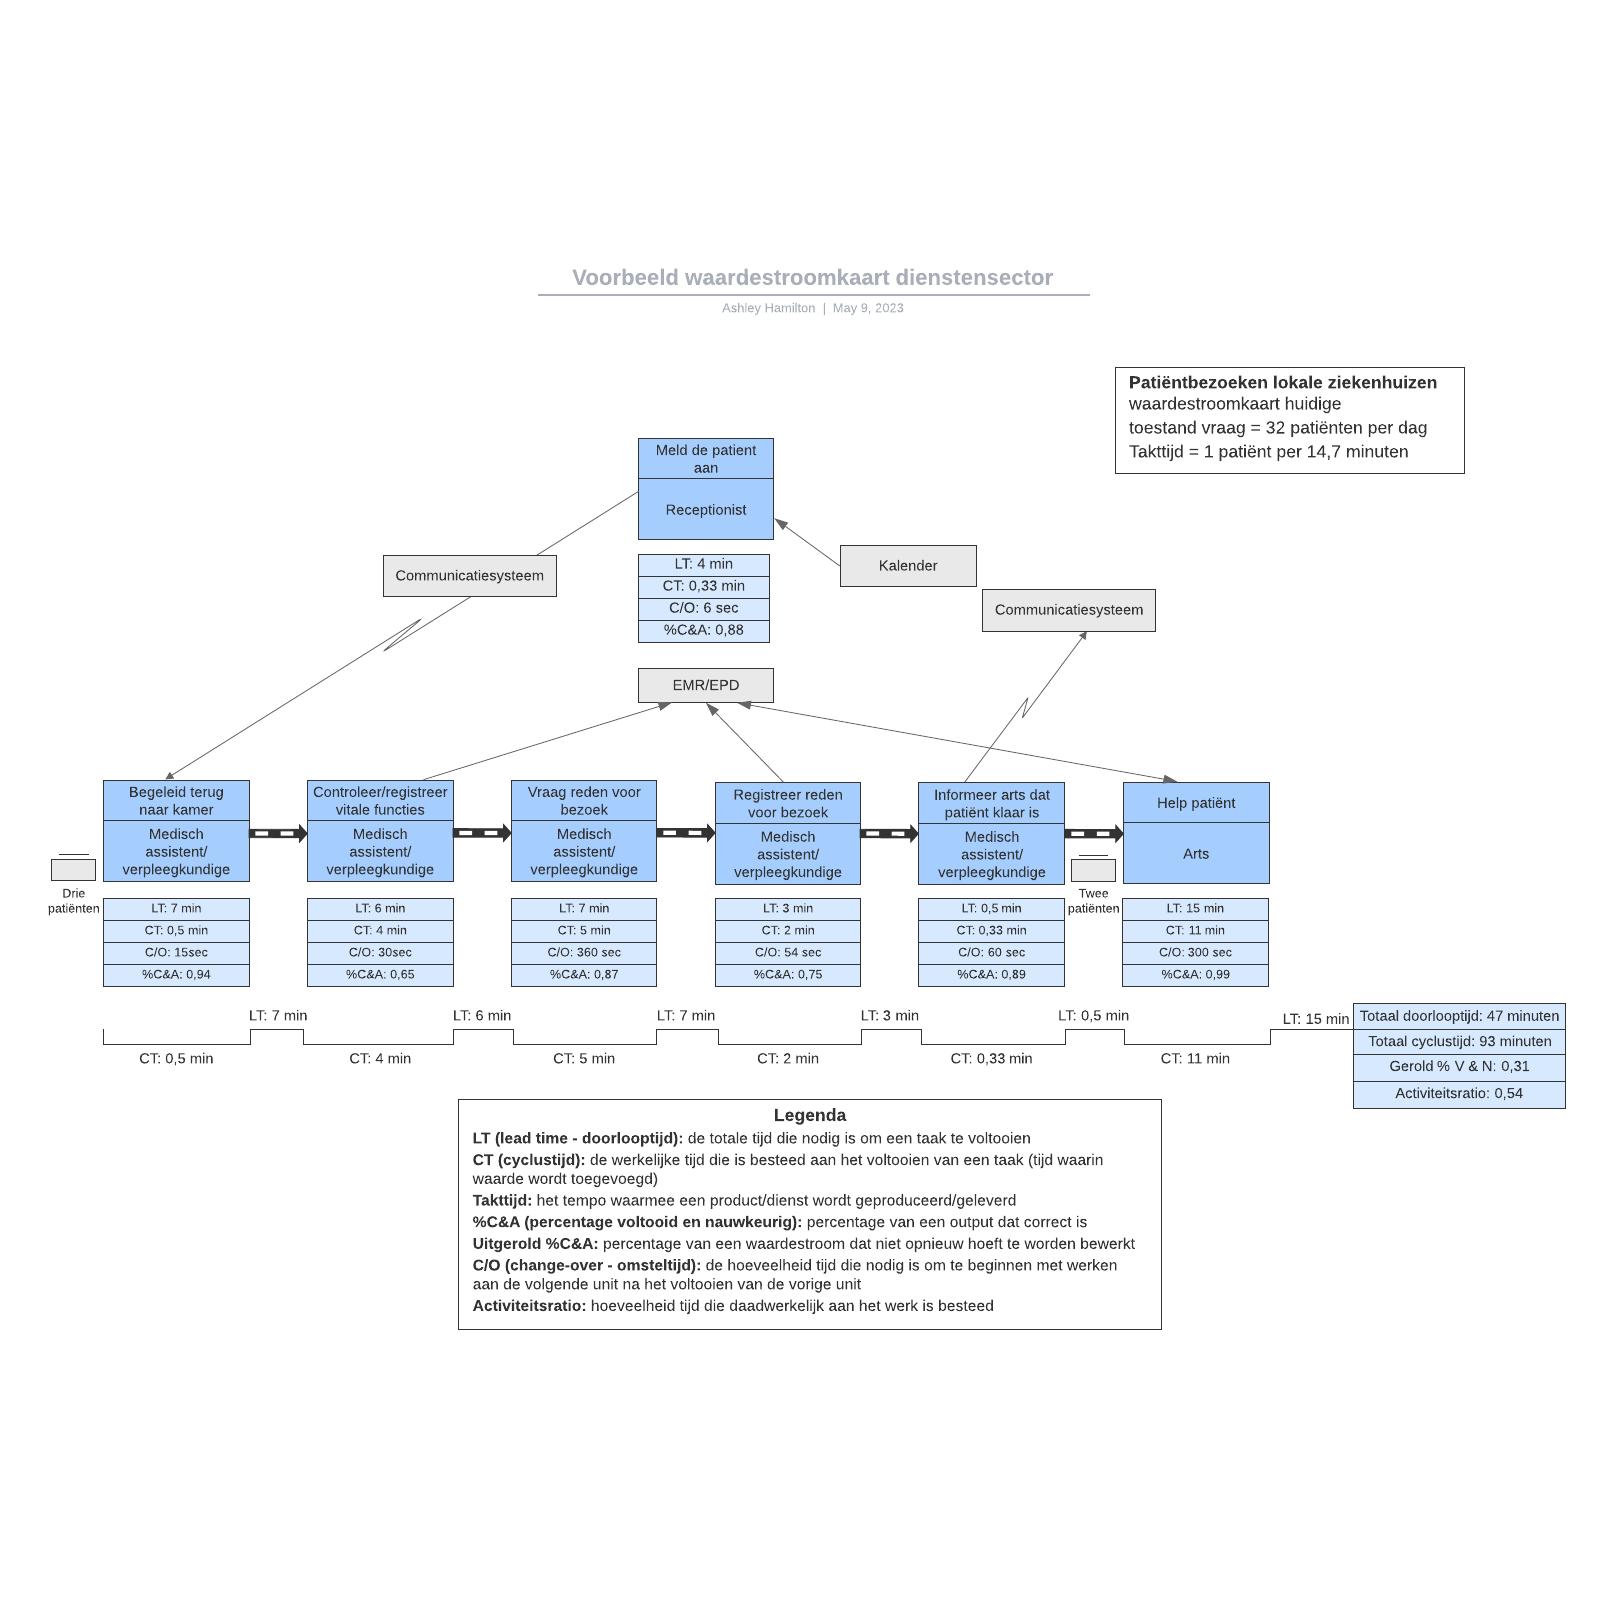 Voorbeeld waardestroomkaart dienstensector